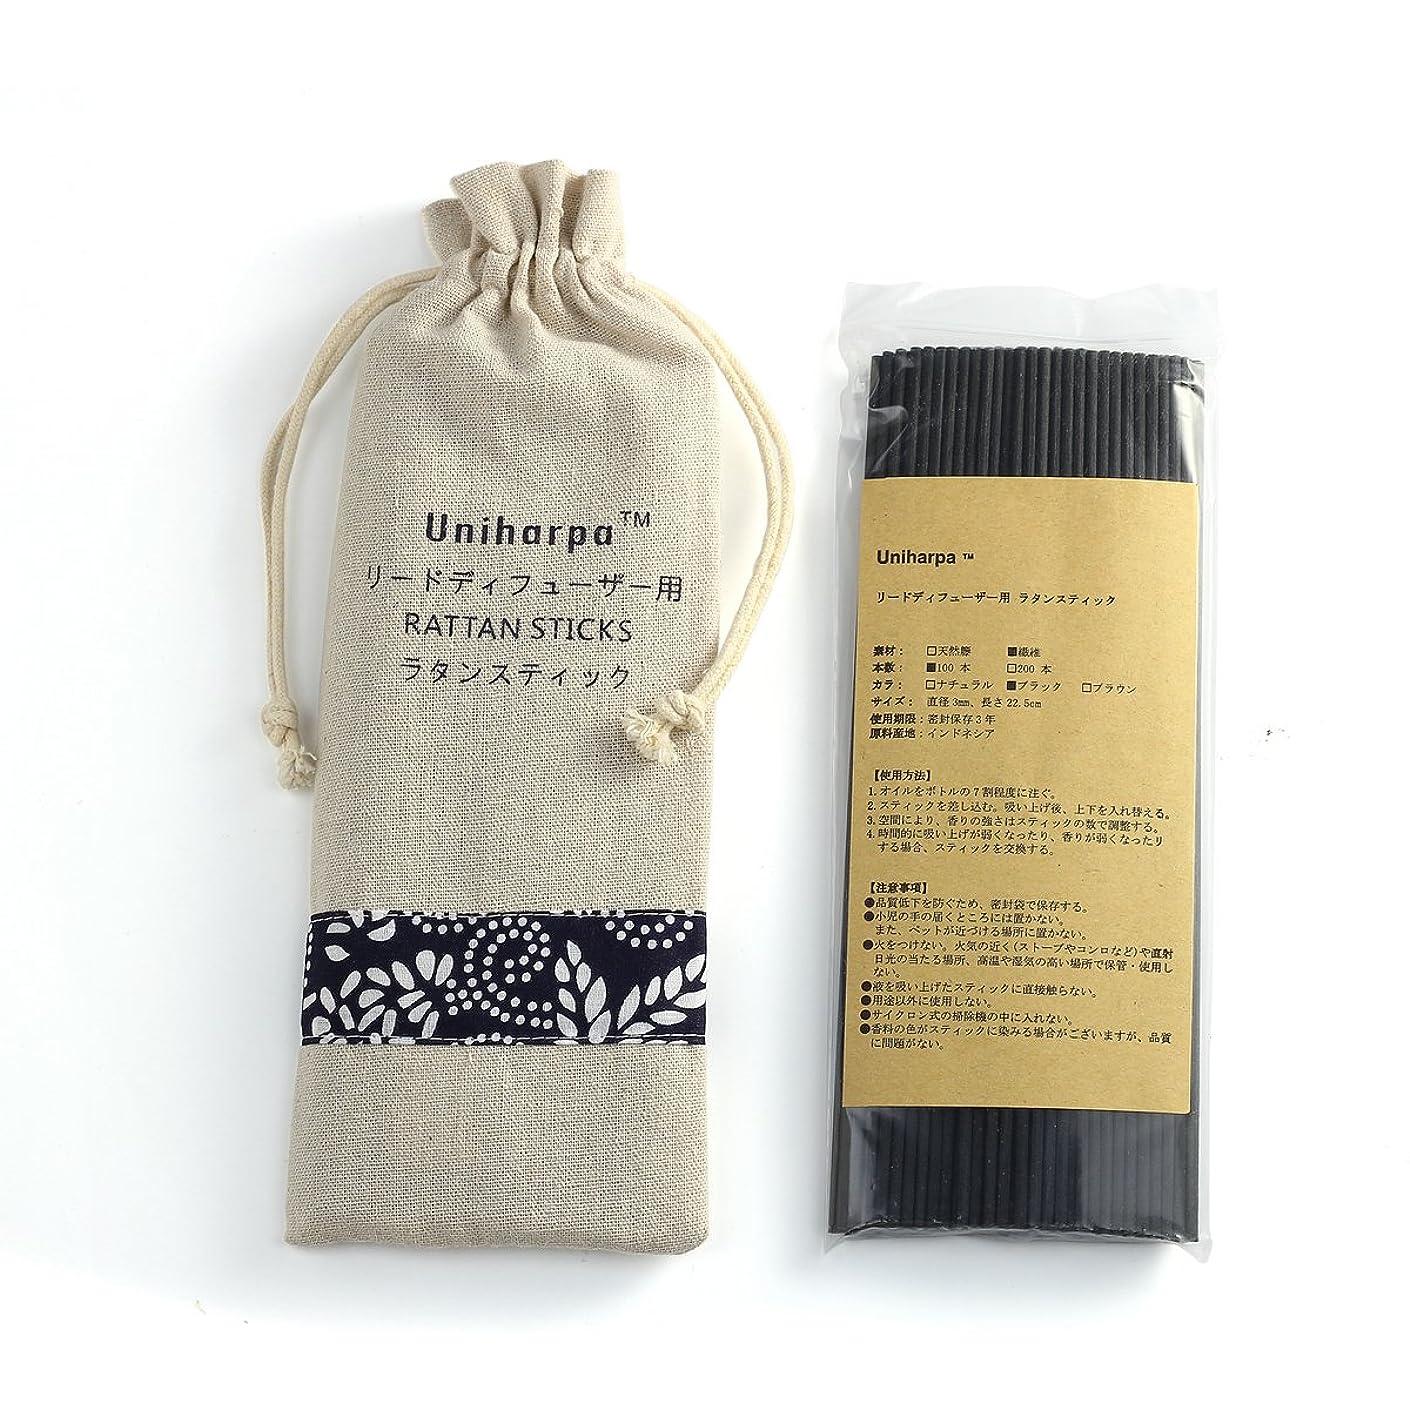 紛争礼儀ハリケーンリードディフューザー用 ラタンスティック/リードスティック リフィル 繊維素材 22.5cm 直径3mm 100本入 乾燥剤入り オリジナル旅行専用袋付 (ブラック)